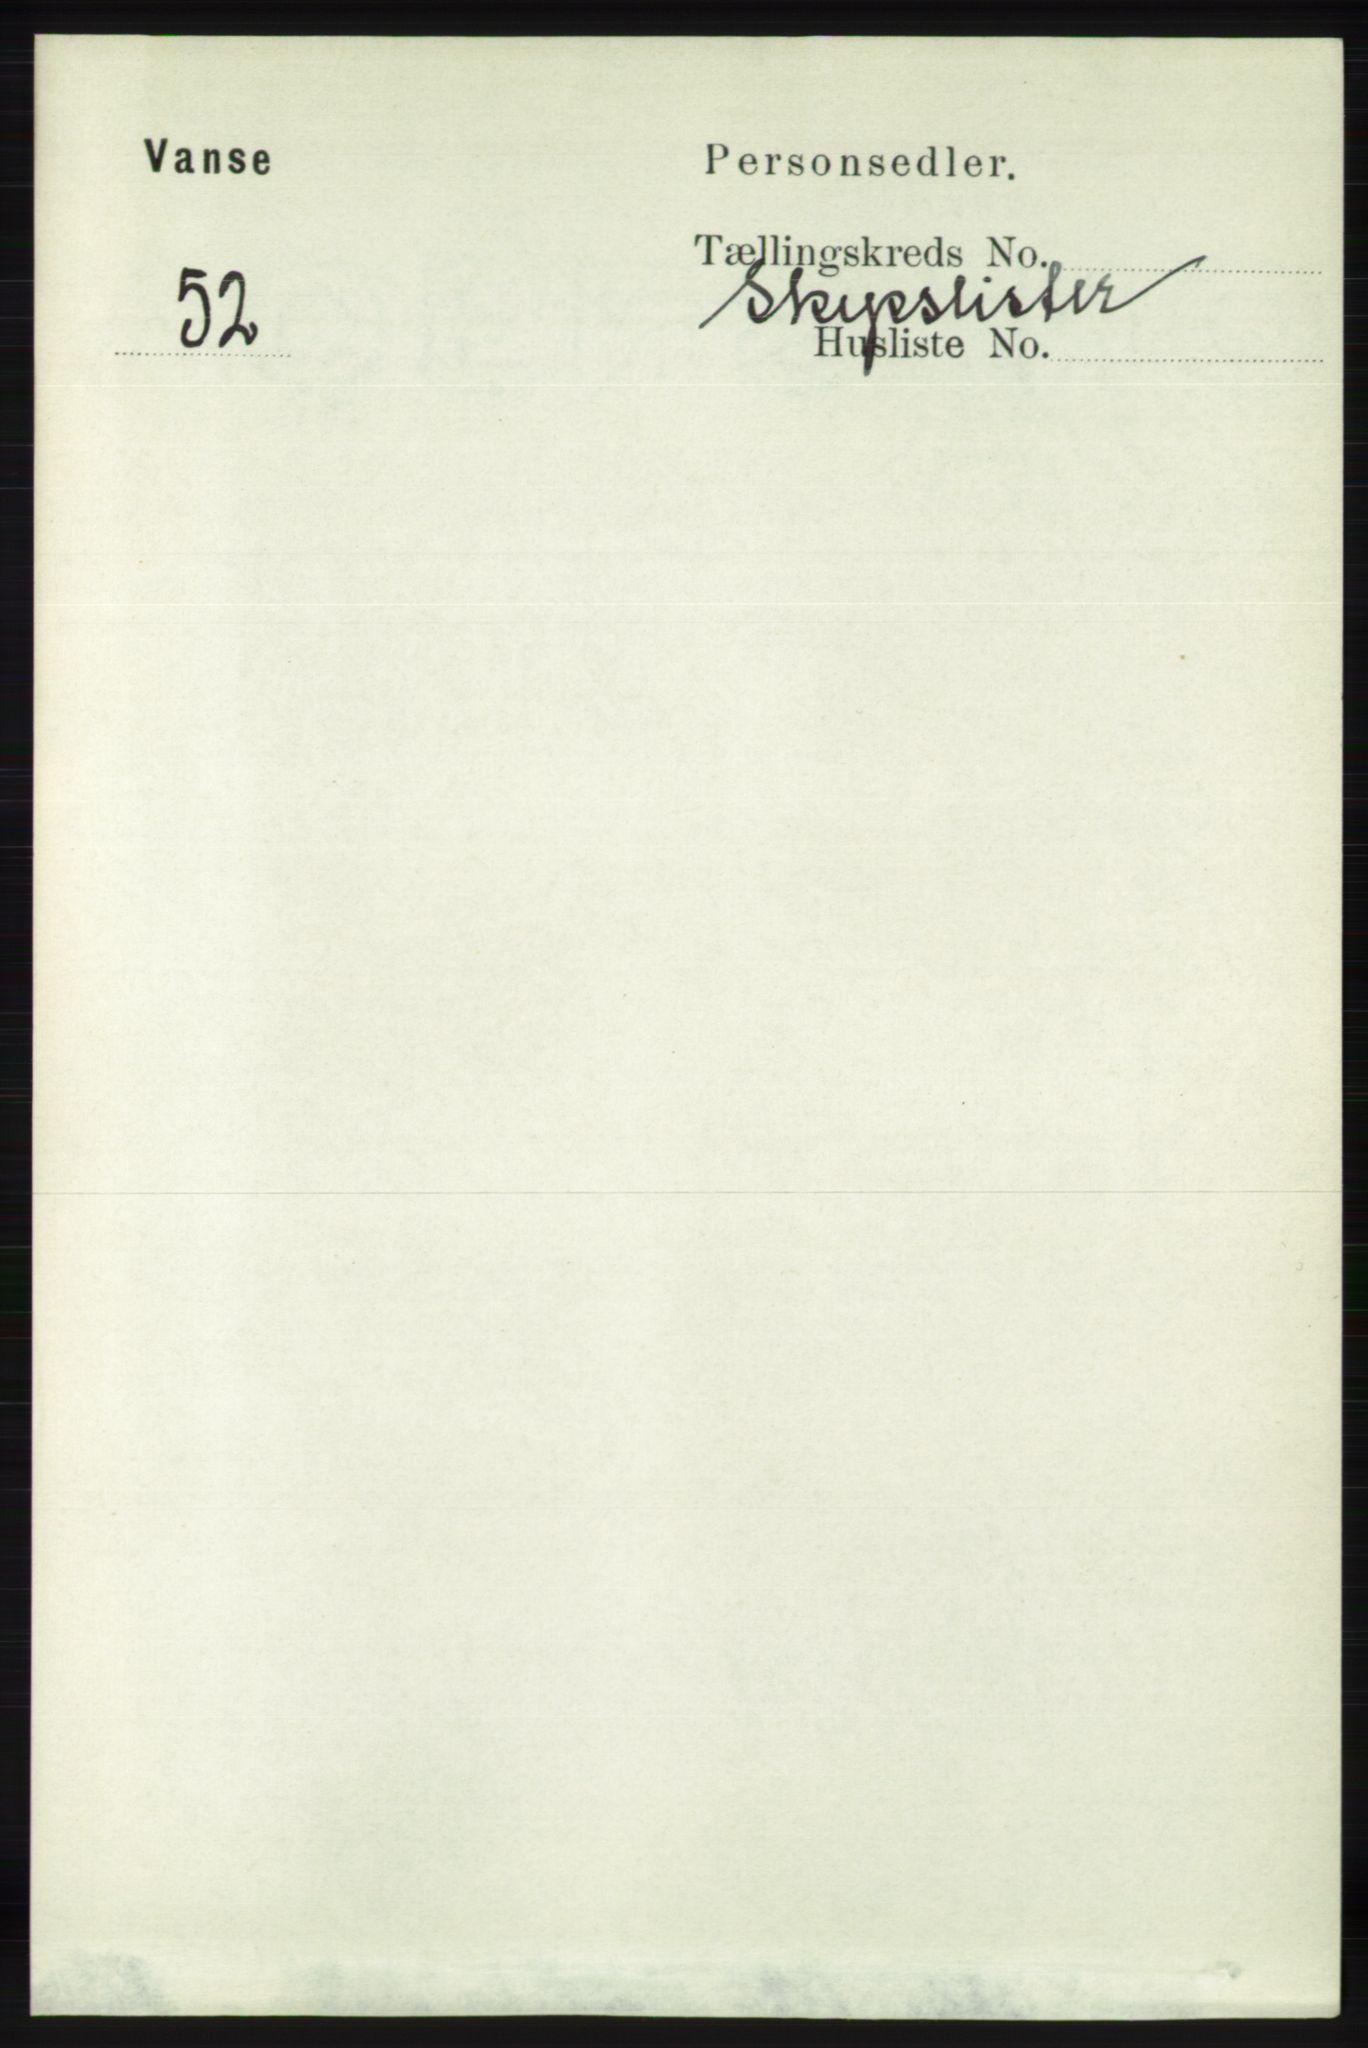 RA, Folketelling 1891 for 1041 Vanse herred, 1891, s. 7791